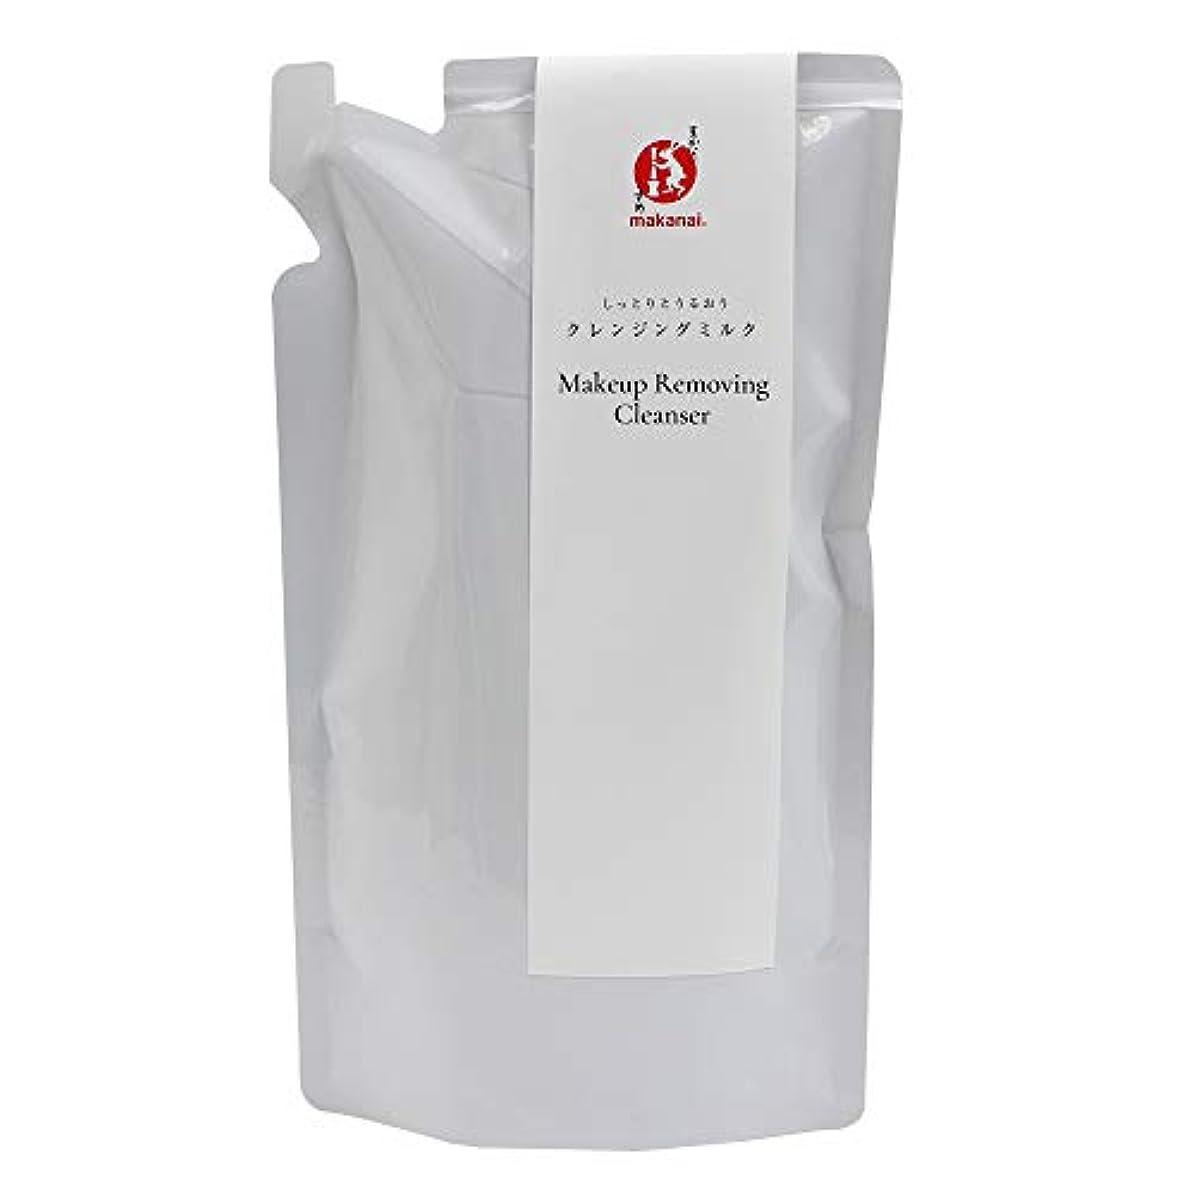 流産やろう自治まかないこすめ しっとりとうるおうクレンジングミルク(詰め替え用) 140ml